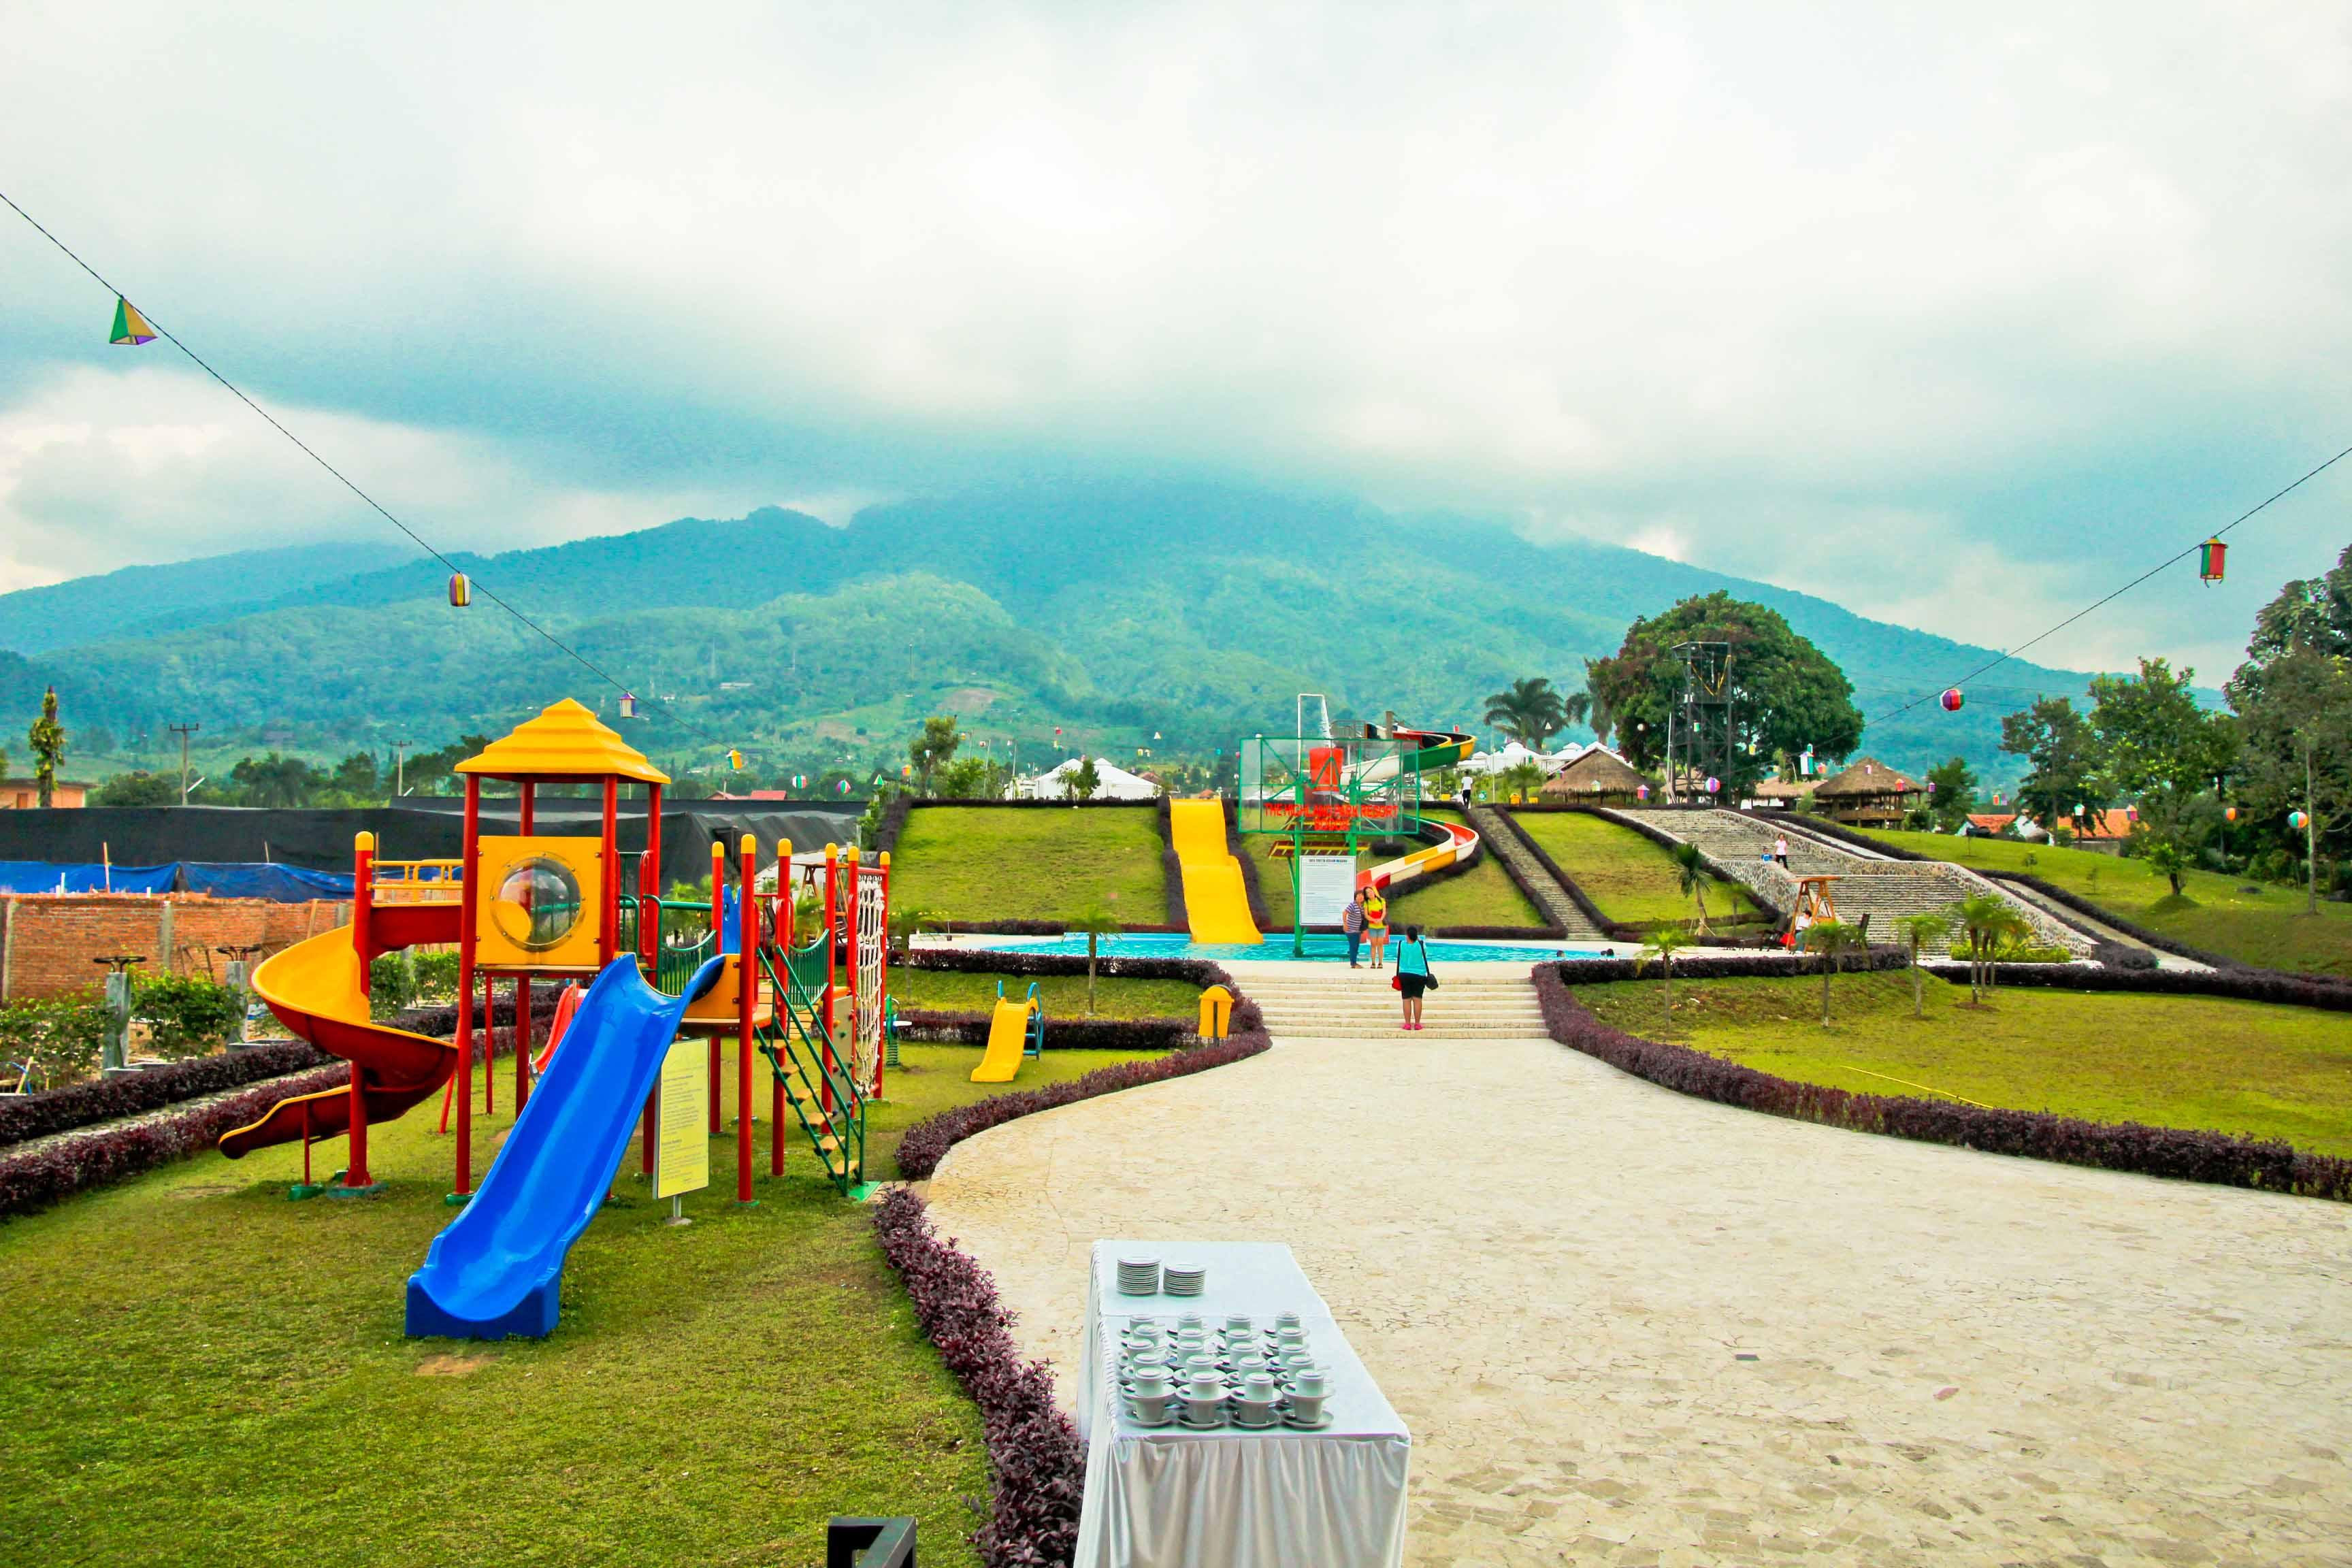 Tempat Wisata Di Puncak Untuk Anak - Tempat Wisata Indonesia